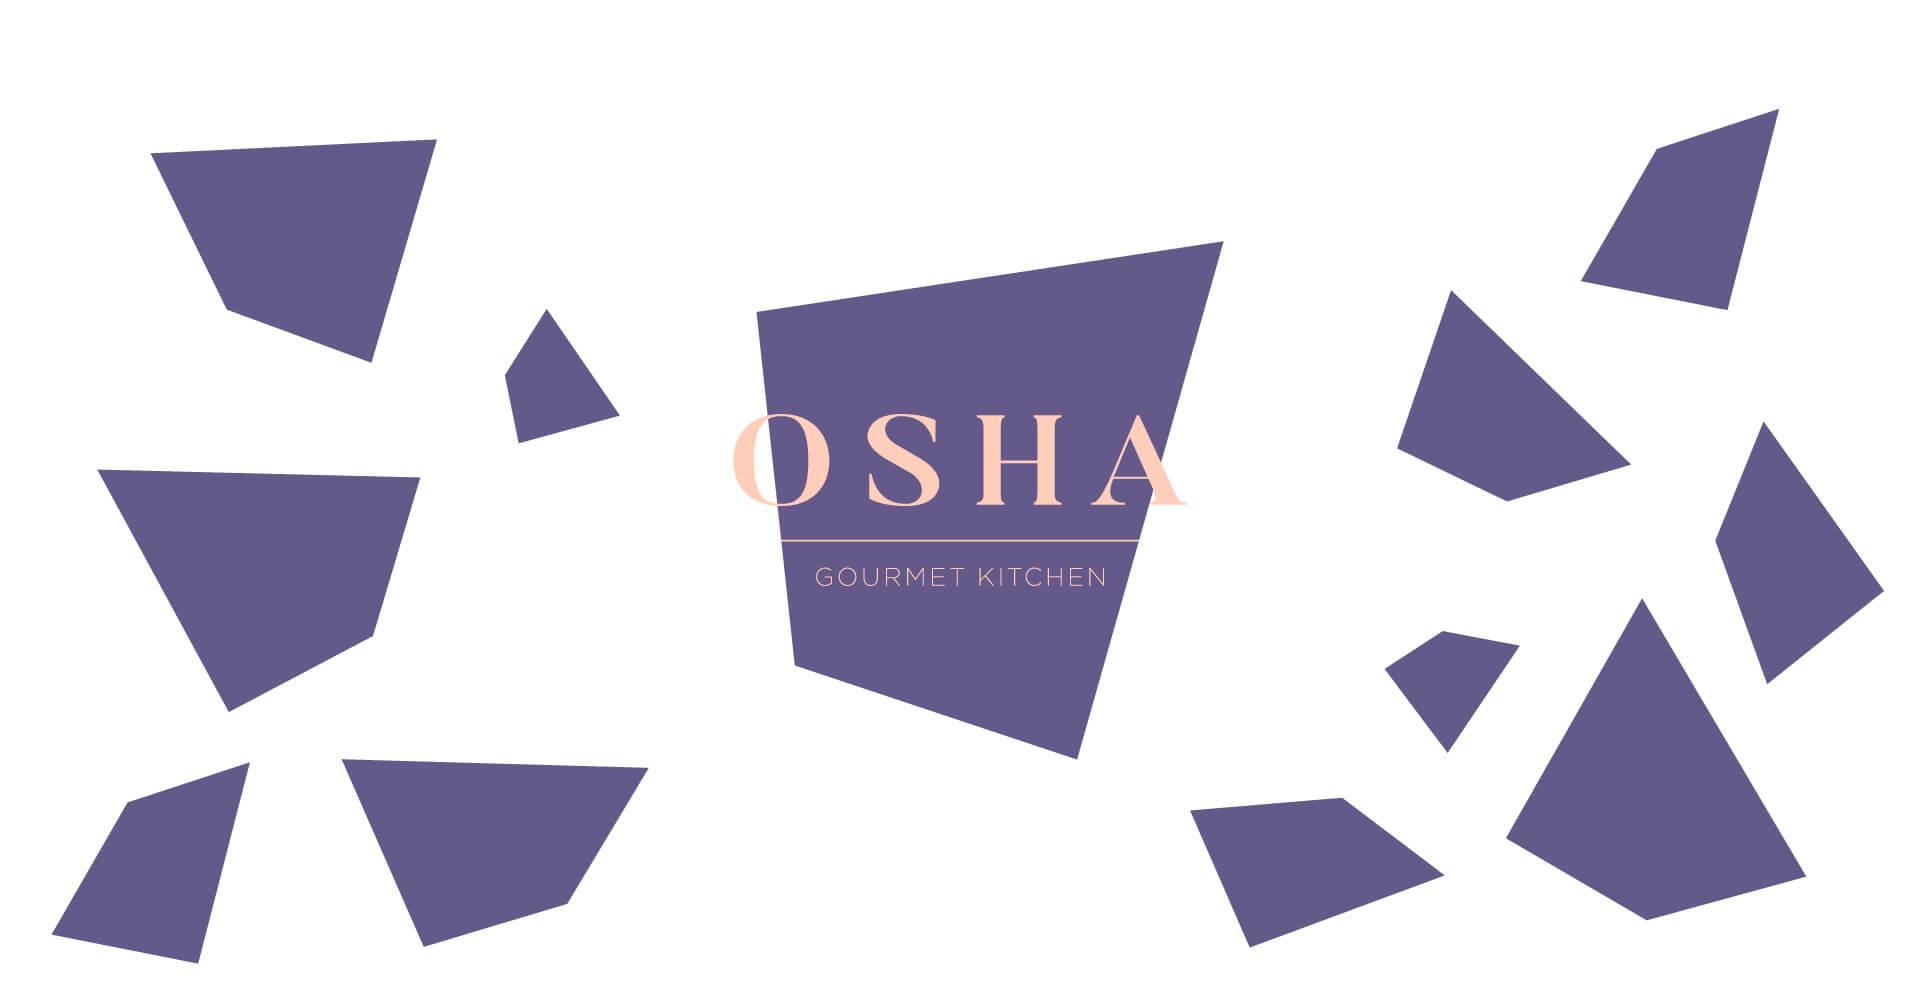 01 Osha-03